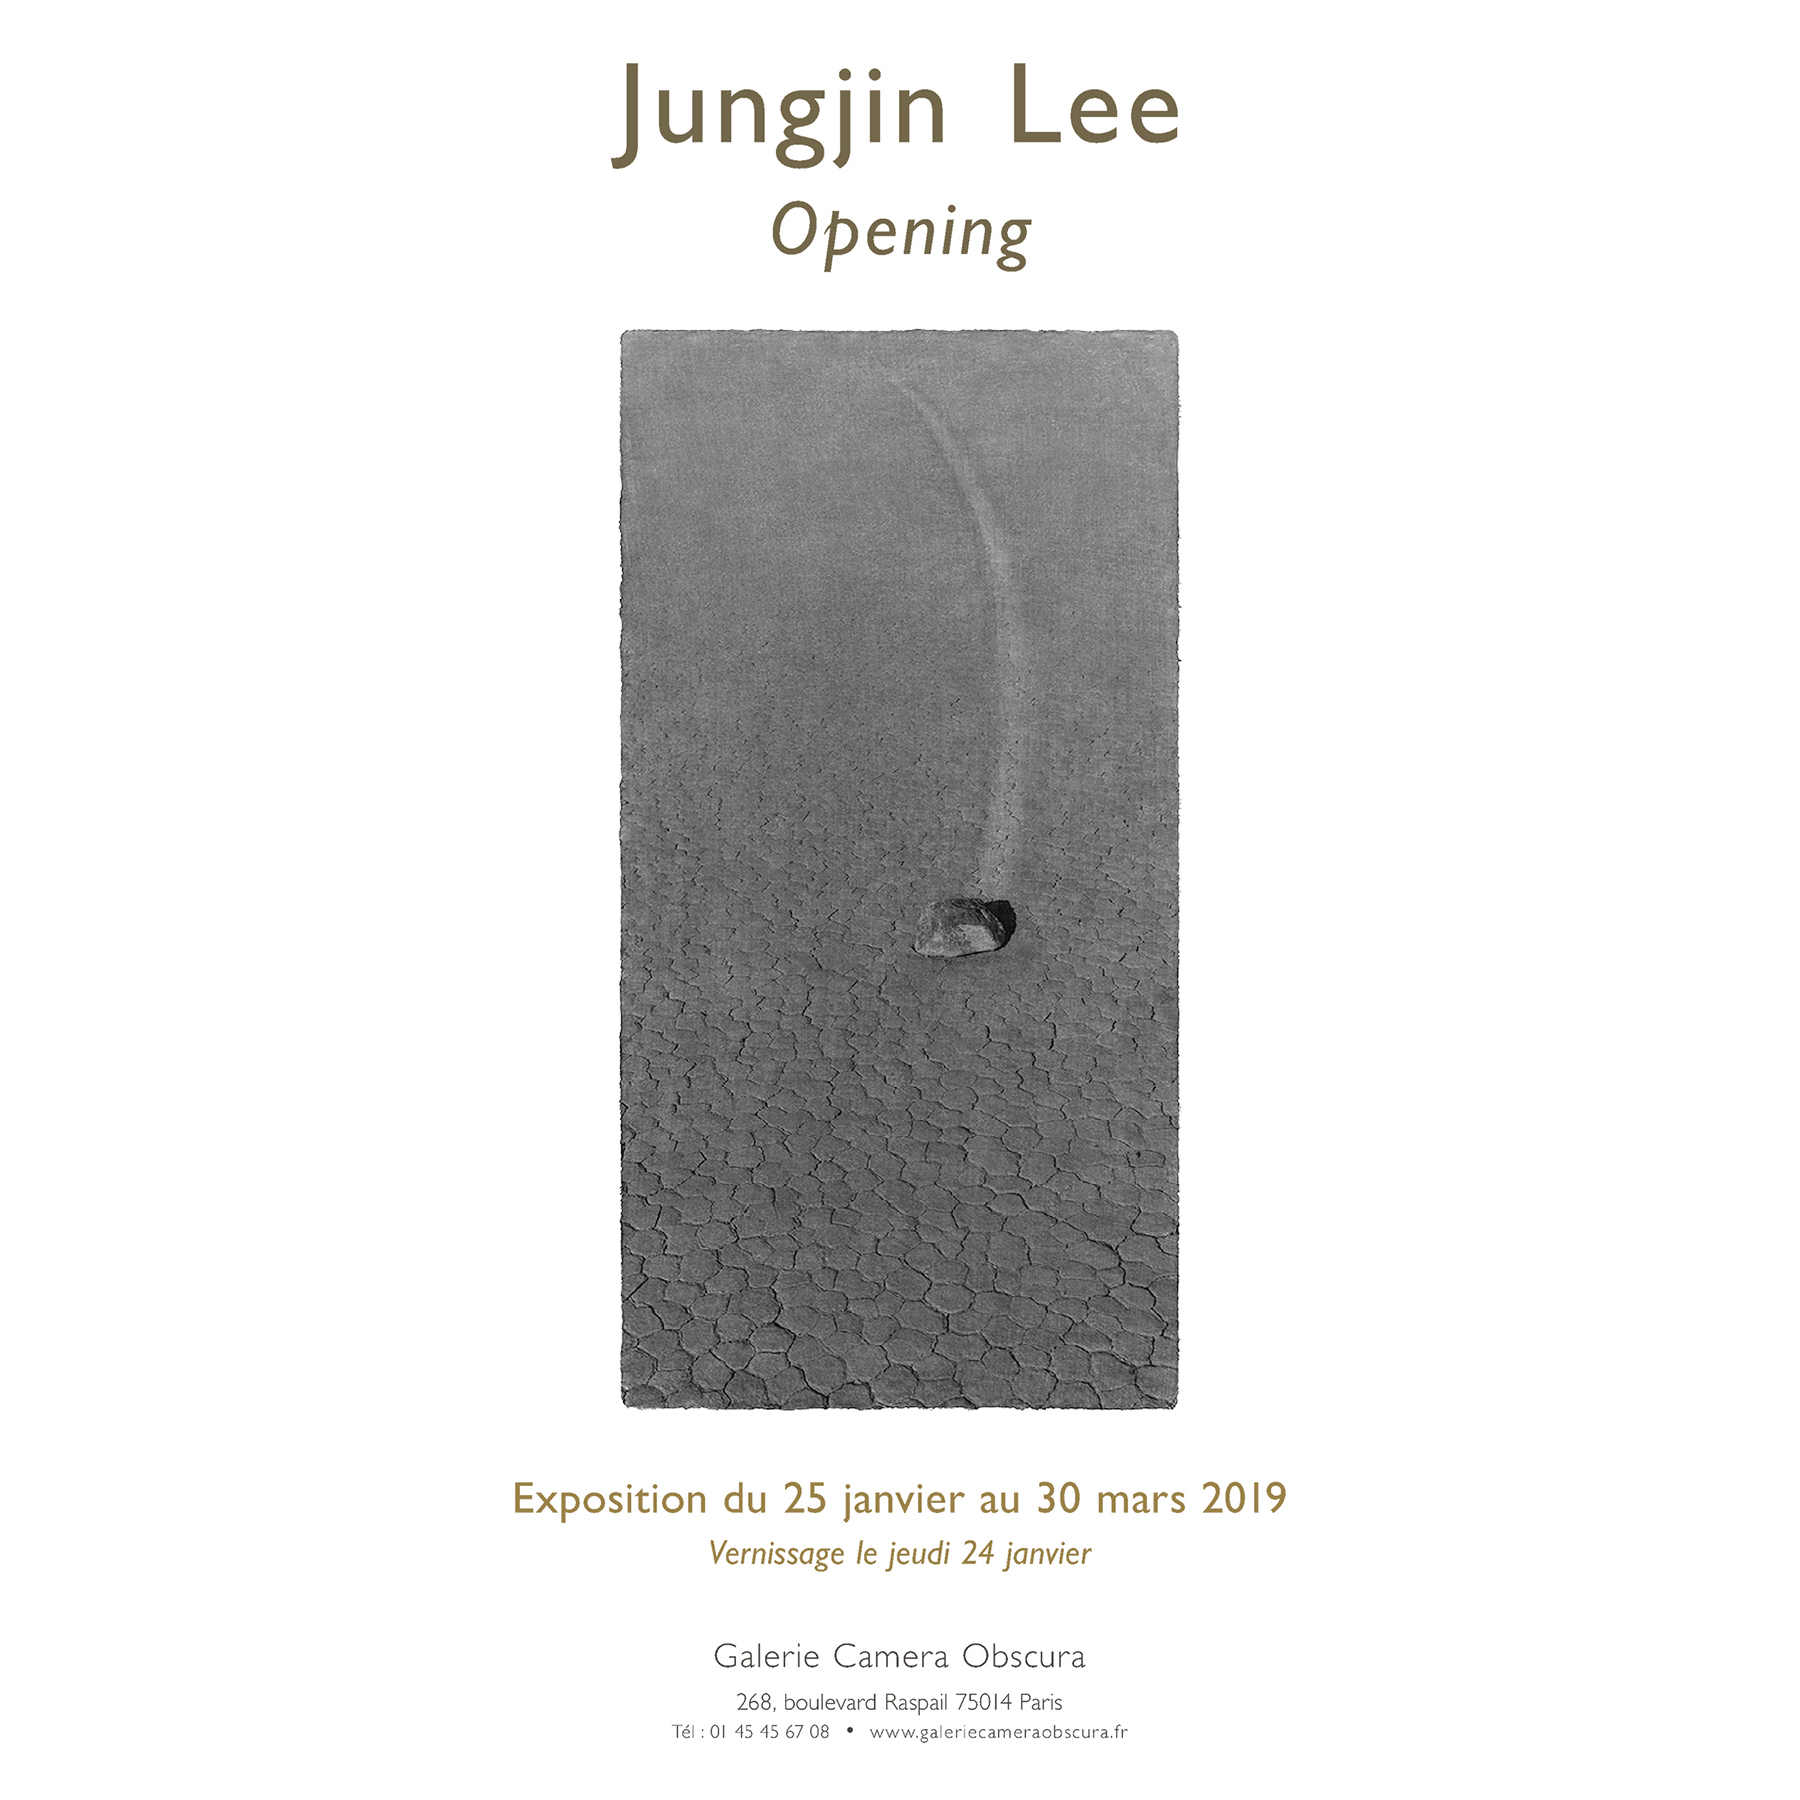 Presse_Jungjin_Lee-1.jpg